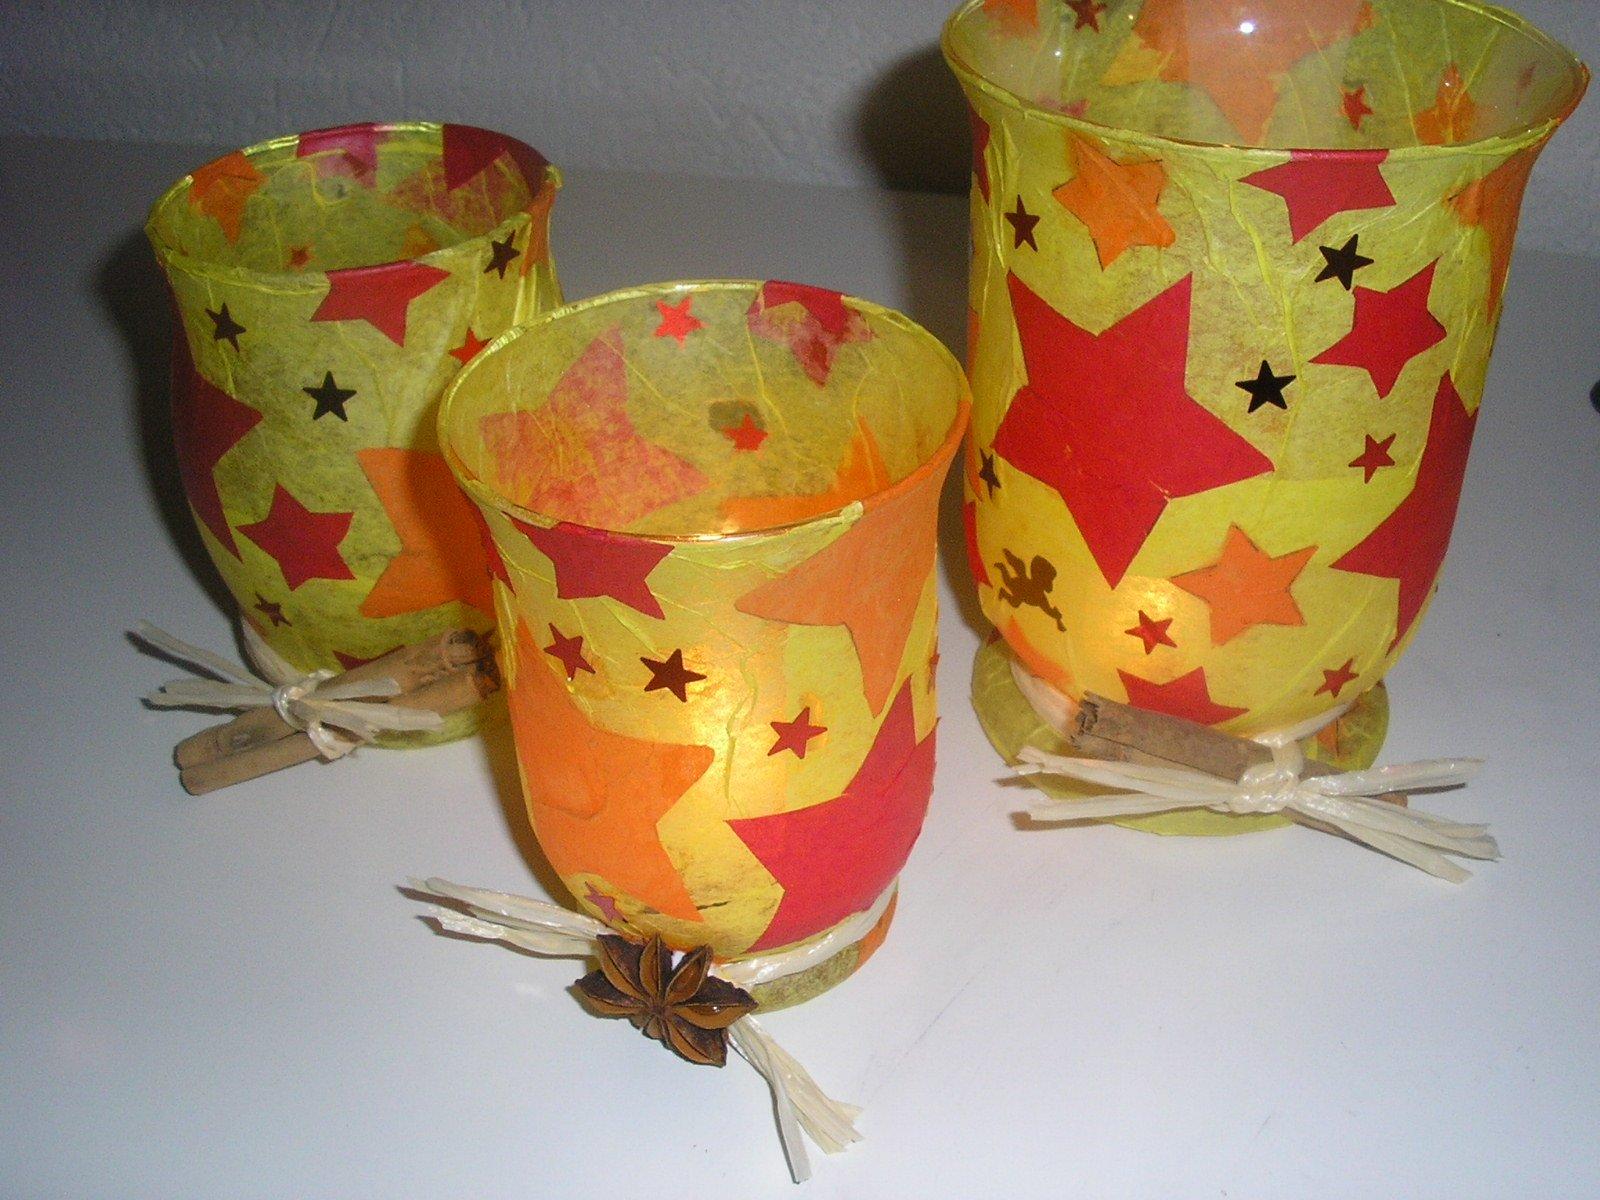 #823717 Marché De Noël : Réaliser Les Décorations Objets Cartes  5809 Objet Deco Noel A Fabriquer 1600x1200 px @ aertt.com